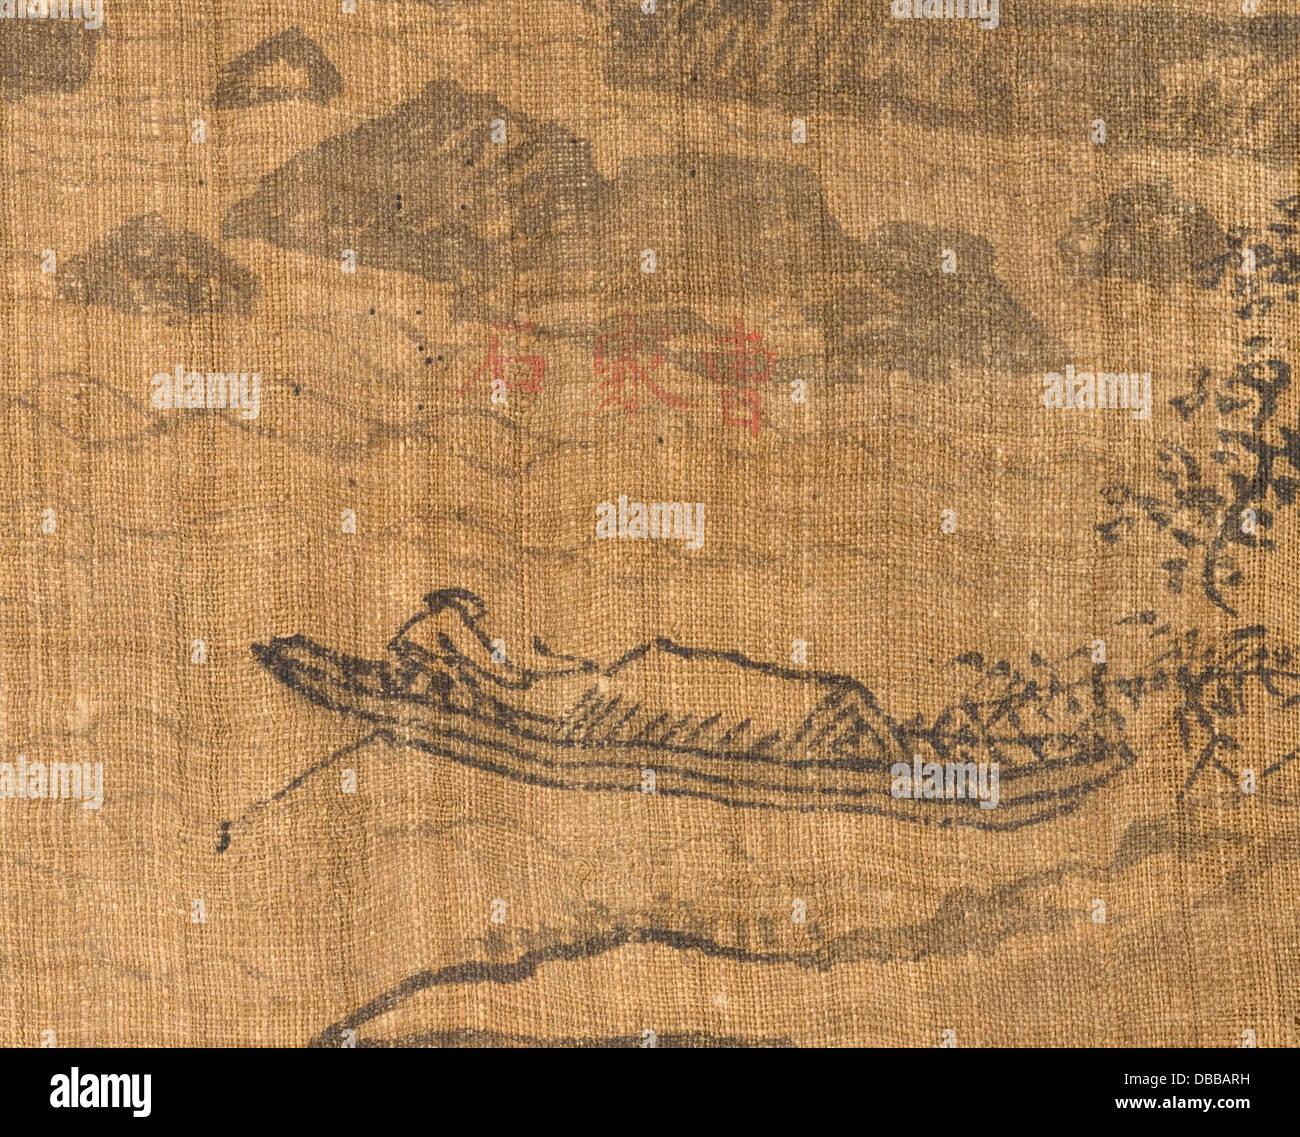 La sexta de las nueve curvas a Monte Wuyi, China M.2000.15.20 (2 de 5). Foto de stock